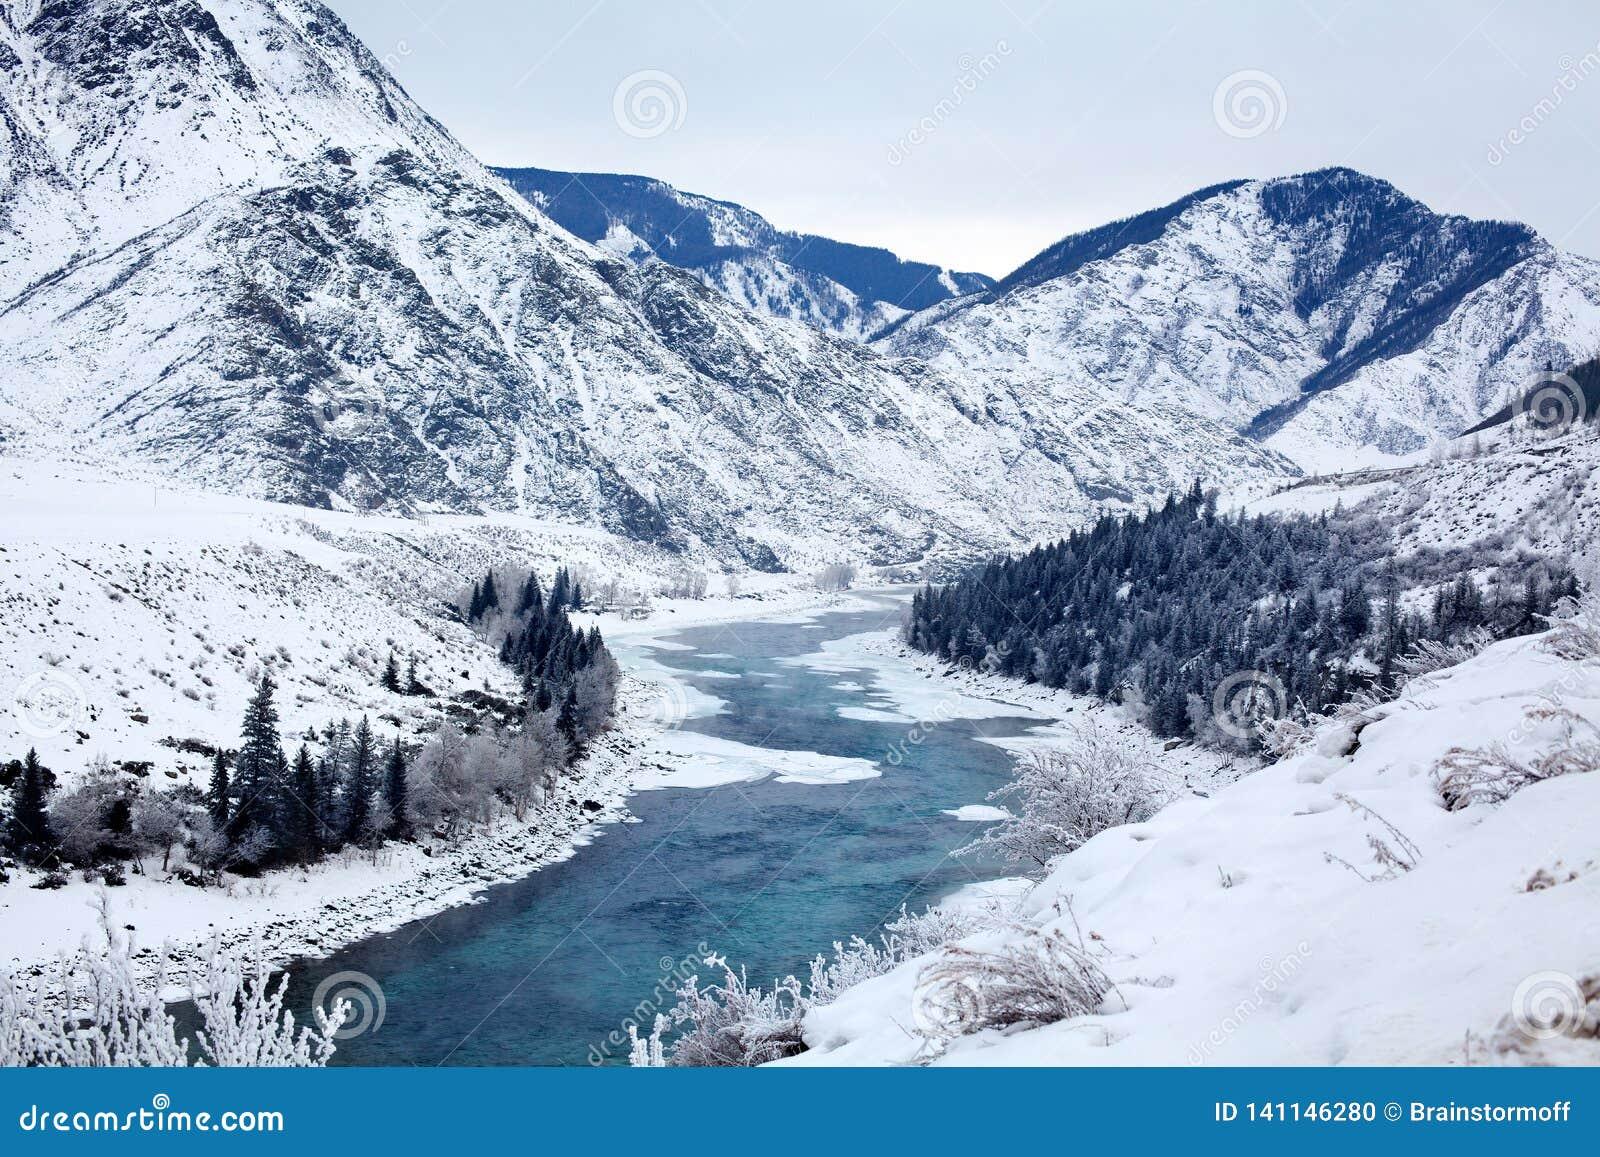 Zima halny breathtaking krajobraz, turkusowy rzeczny bieg między halnymi skłonami, biały śnieg, świerkowy las